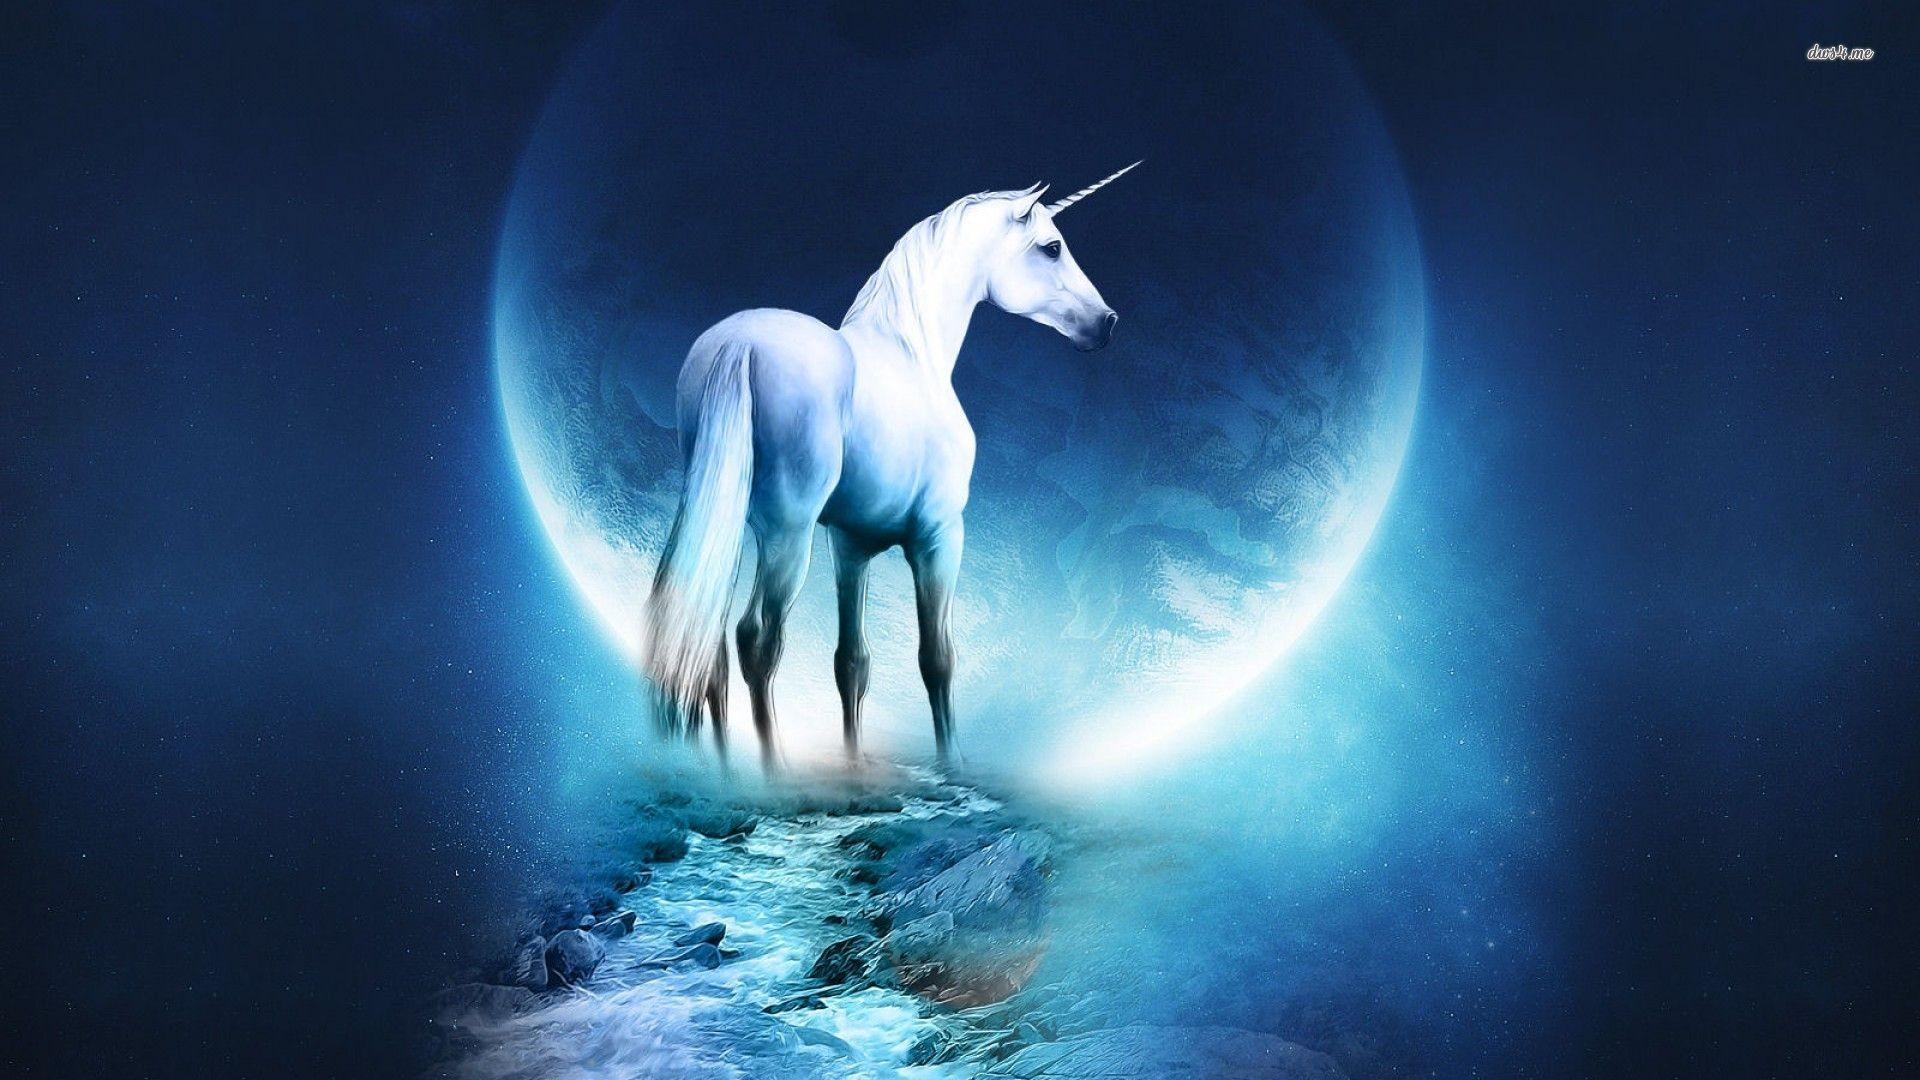 Unicorn Wallpaper 76 Immagini